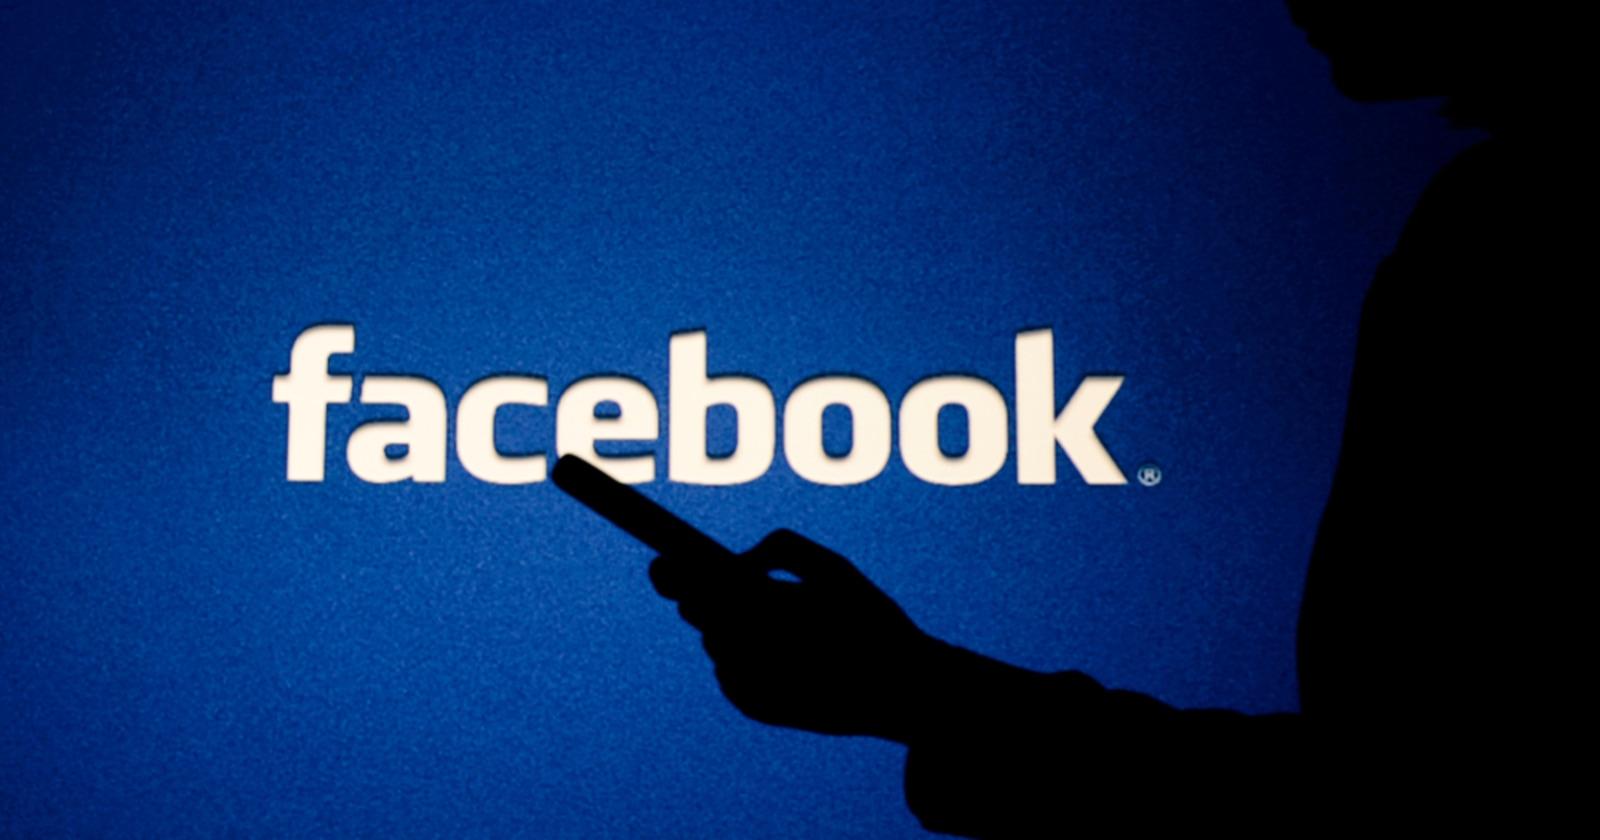 Facebook Bans Bitcoin Hashtags, a push for Libra?